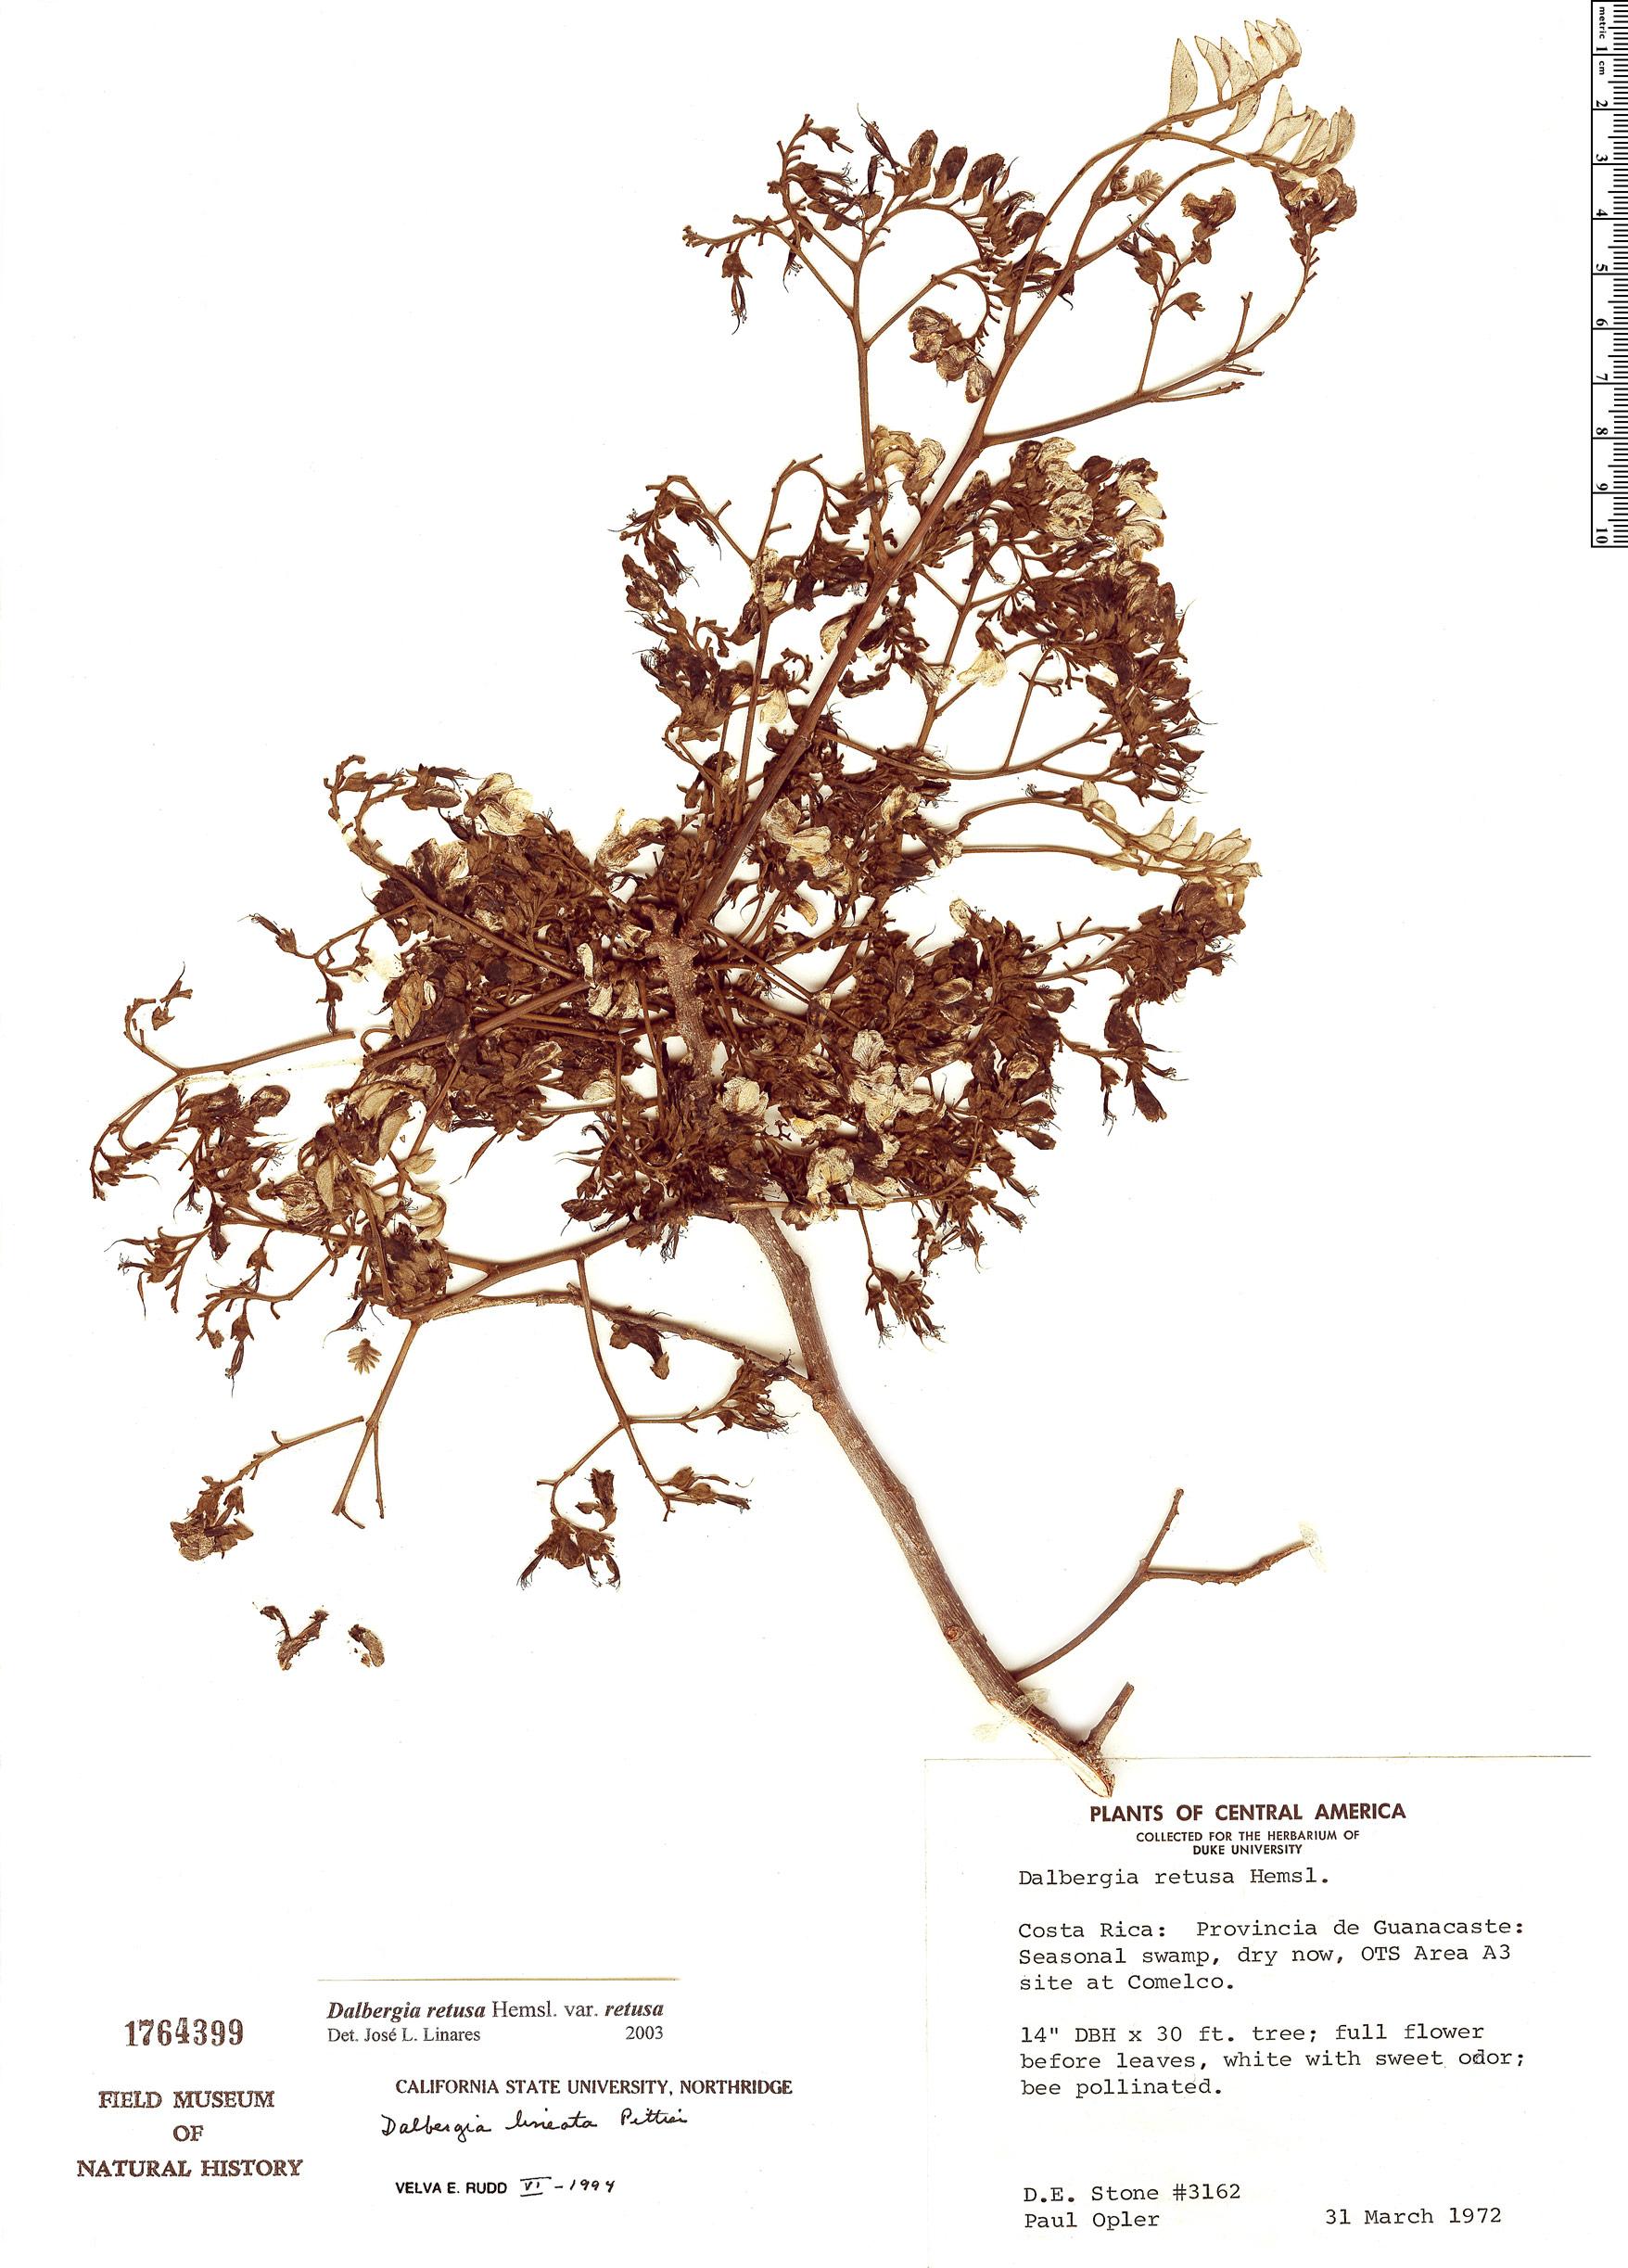 Specimen: Dalbergia retusa